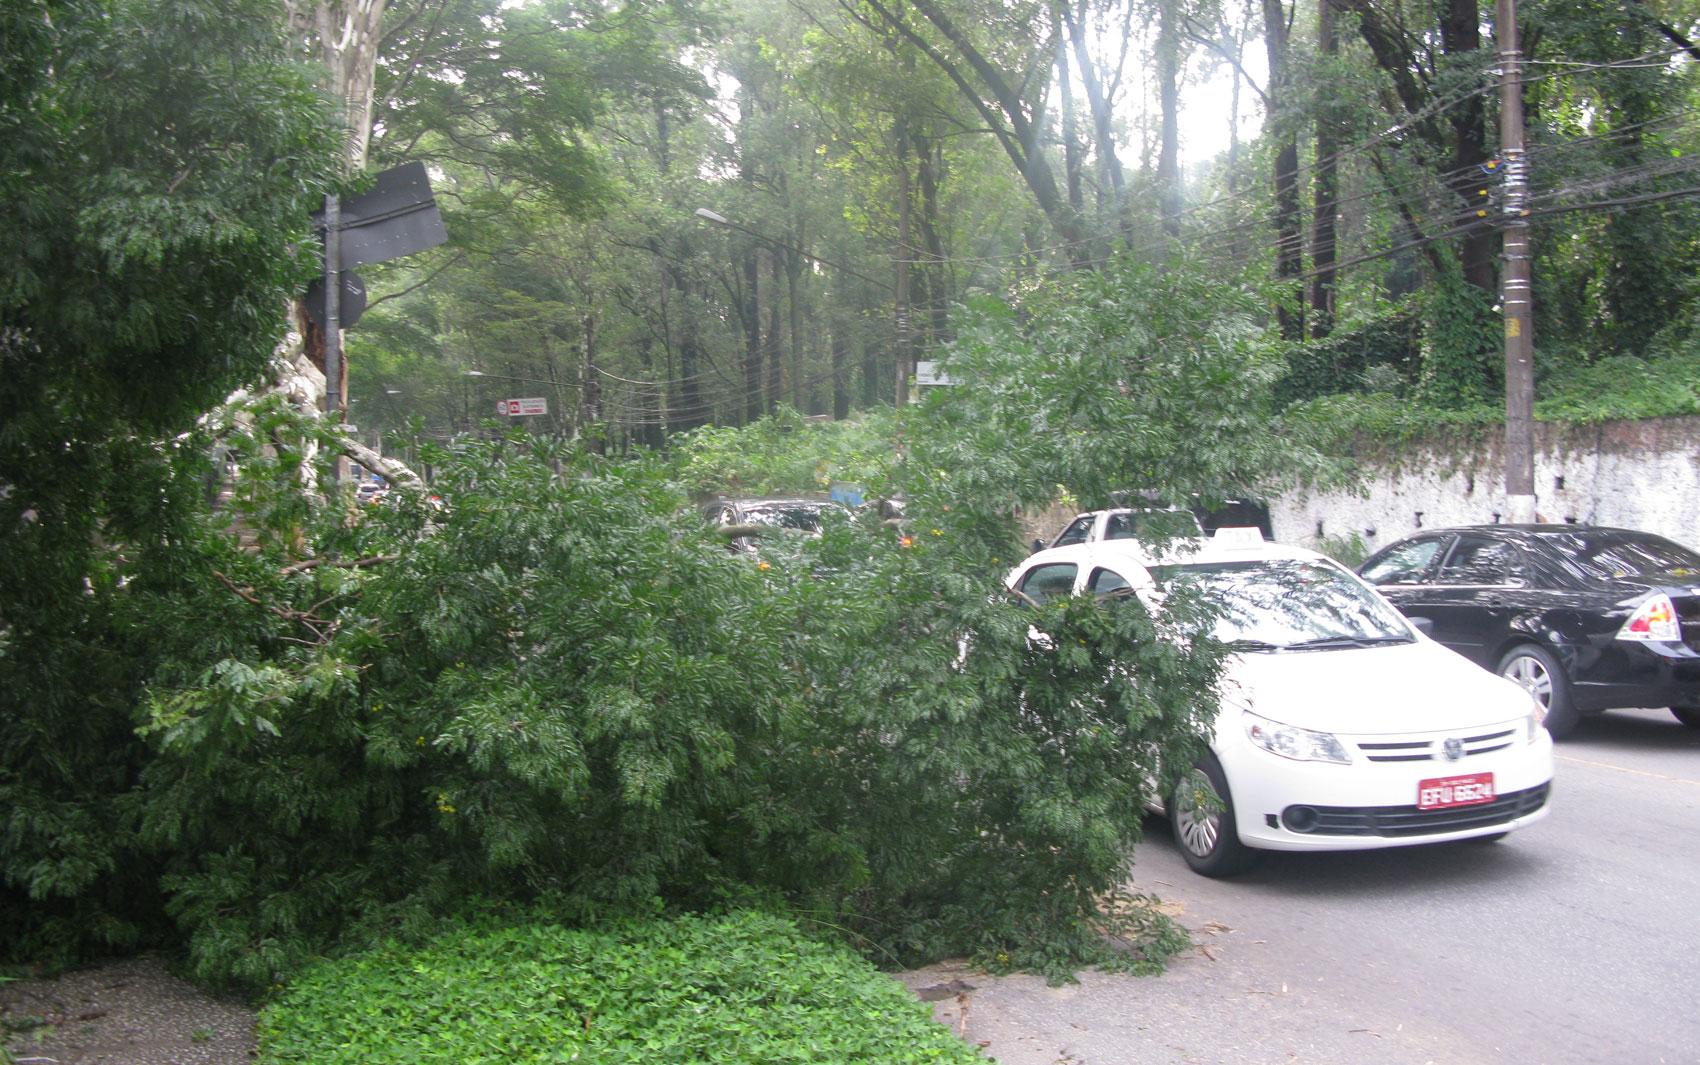 Árvore cai durante temporal, bloqueia parte de via e complica trânsito na Avenida Morumbi, na Zona Sul